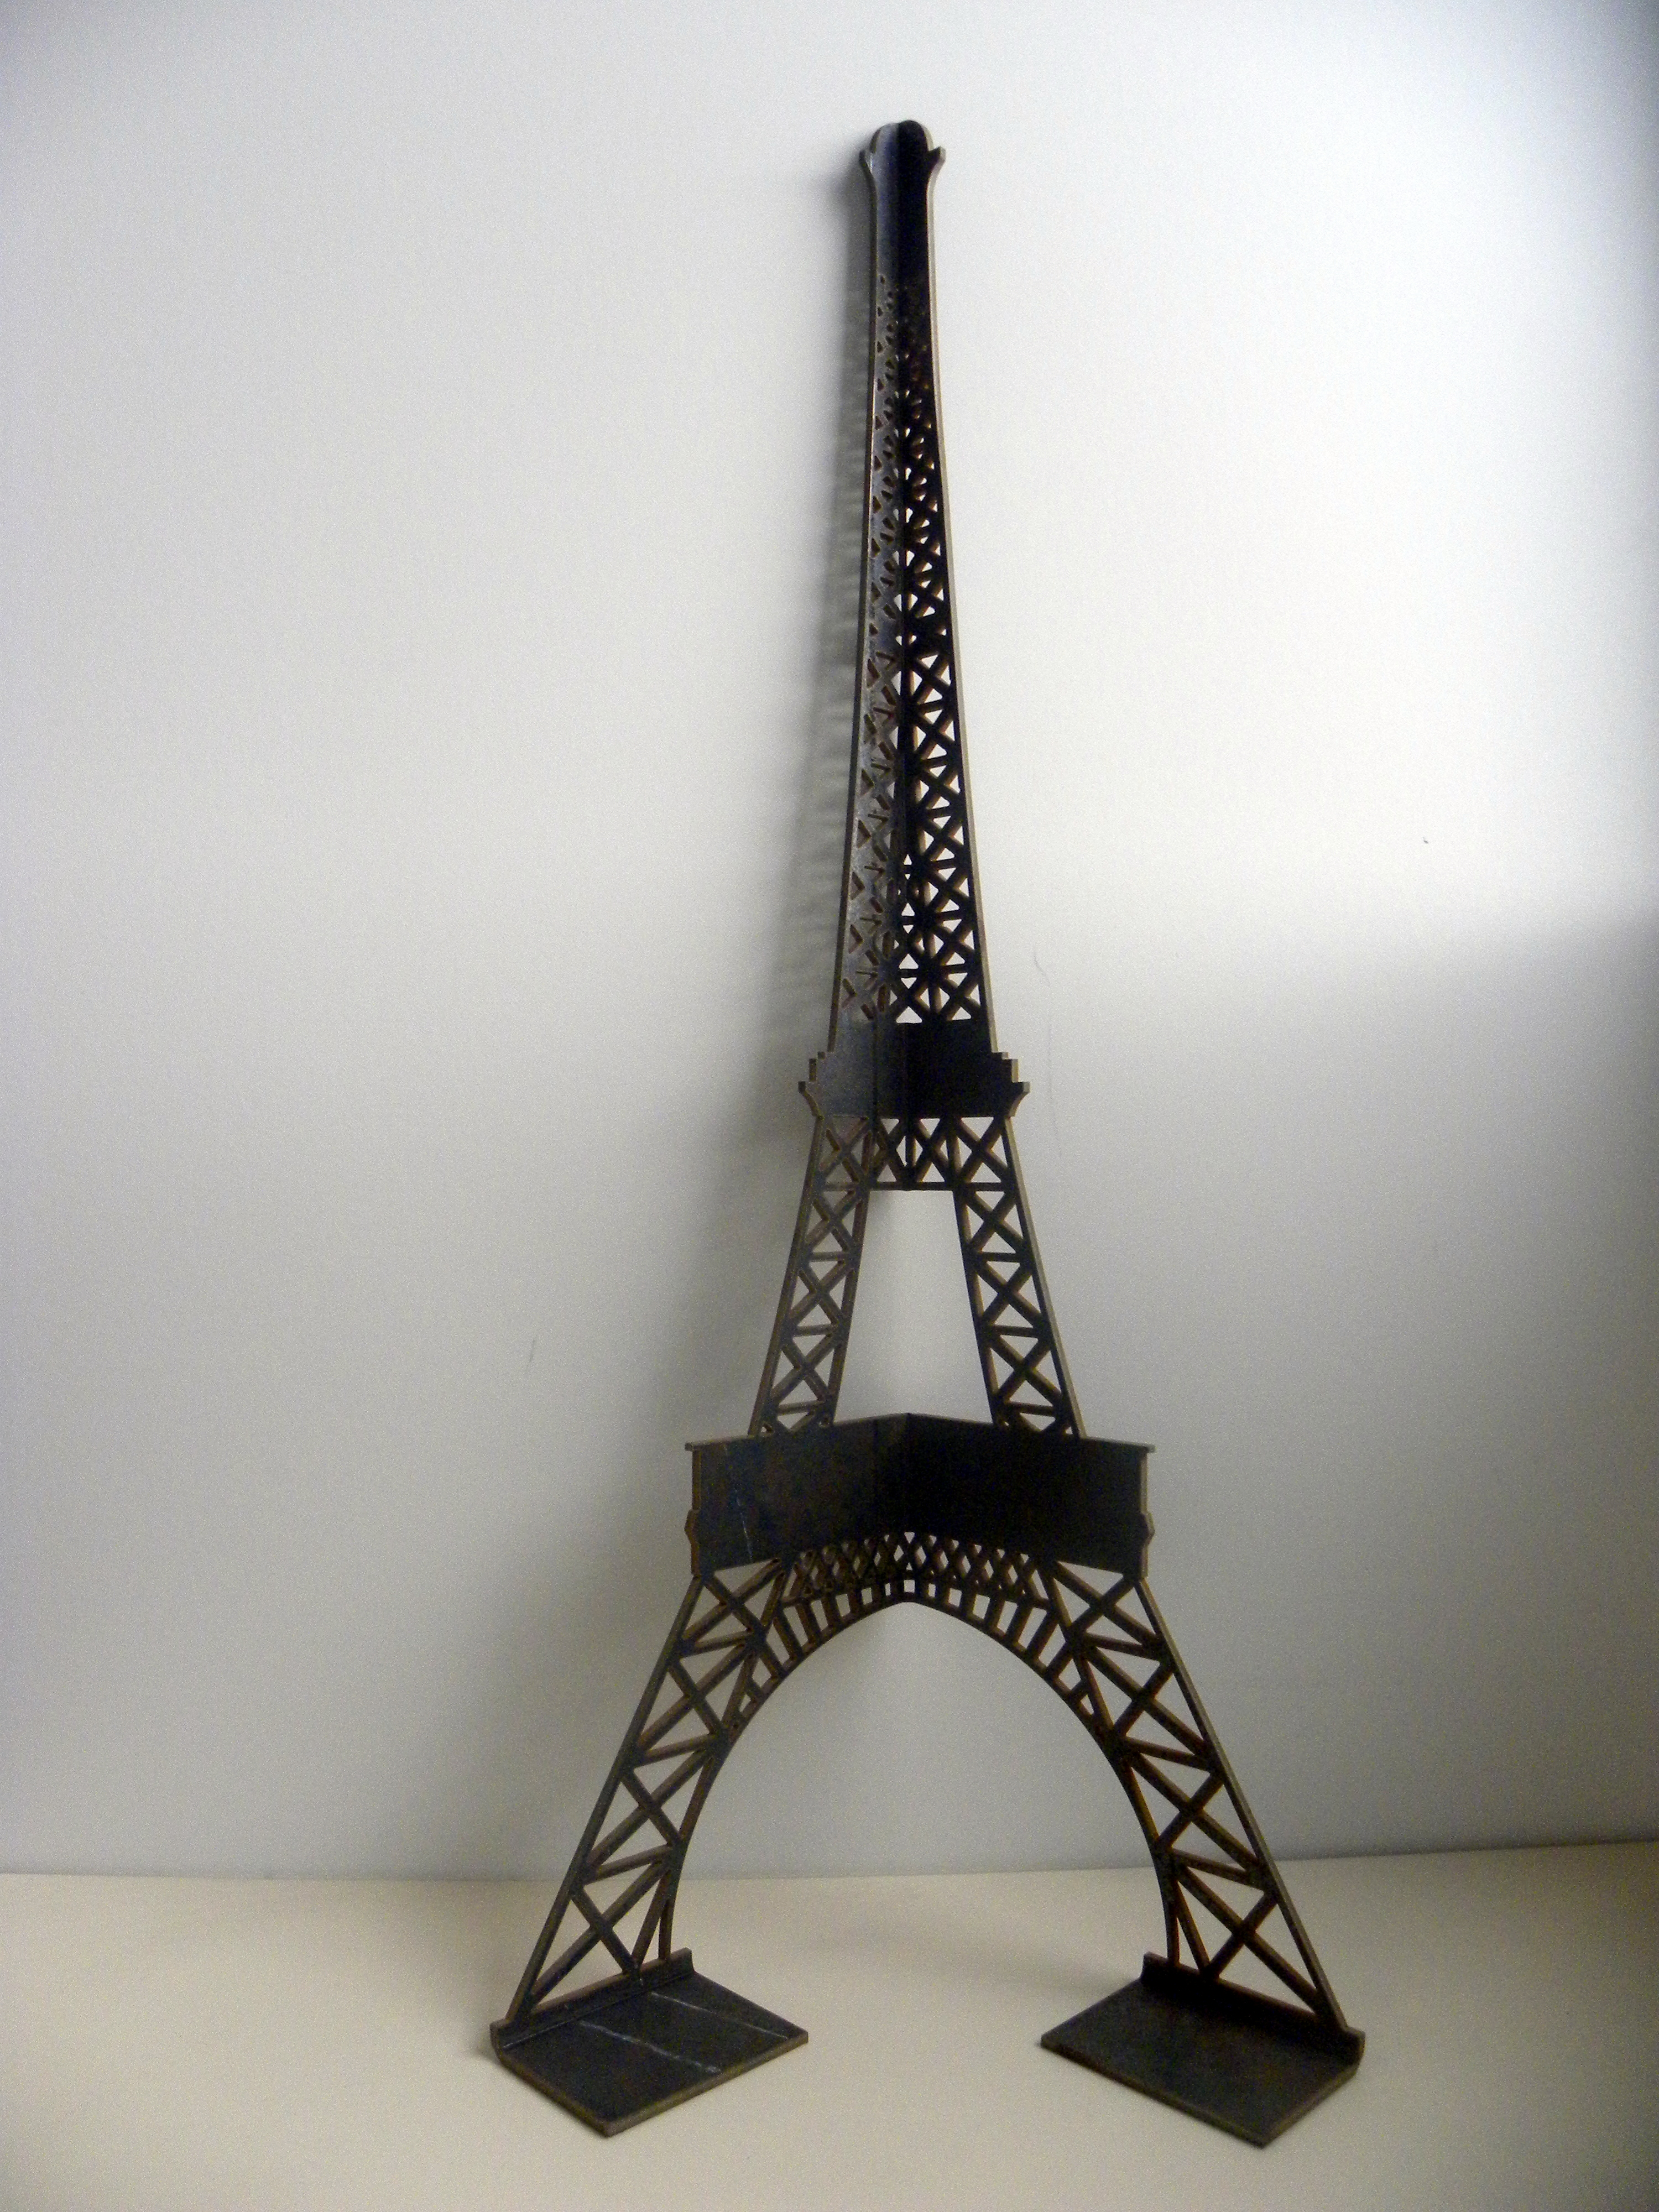 pied table basse tour Eiffel en acier